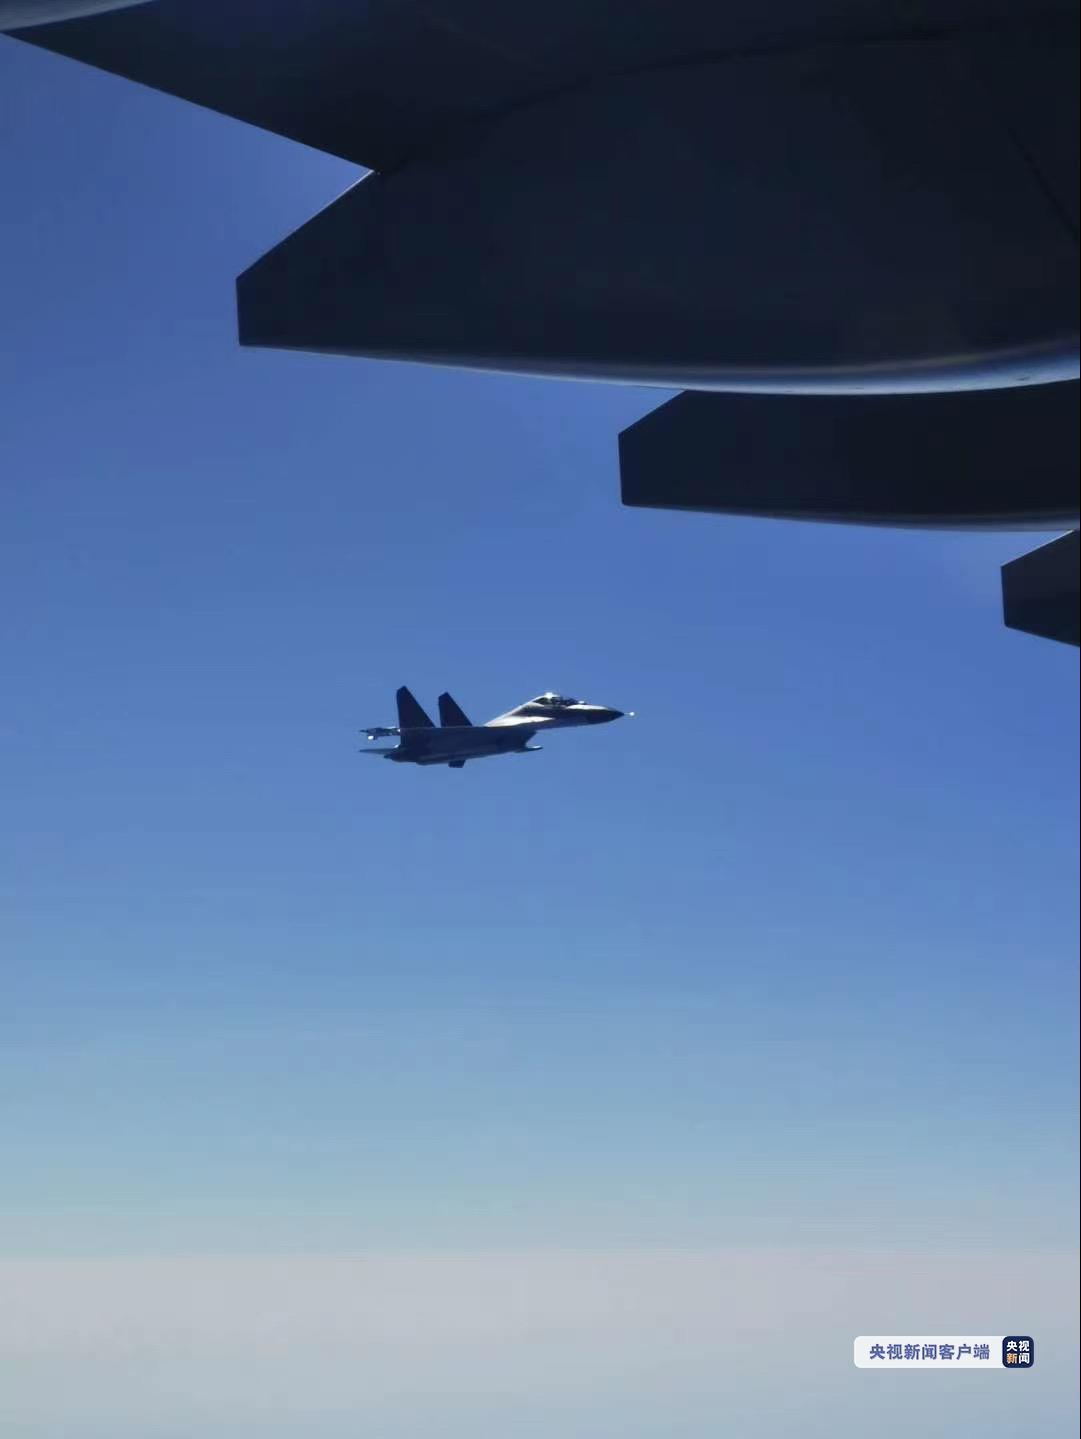 2架歼-11B战机护航伴飞 运-20降落在沈阳桃仙国际机场图片